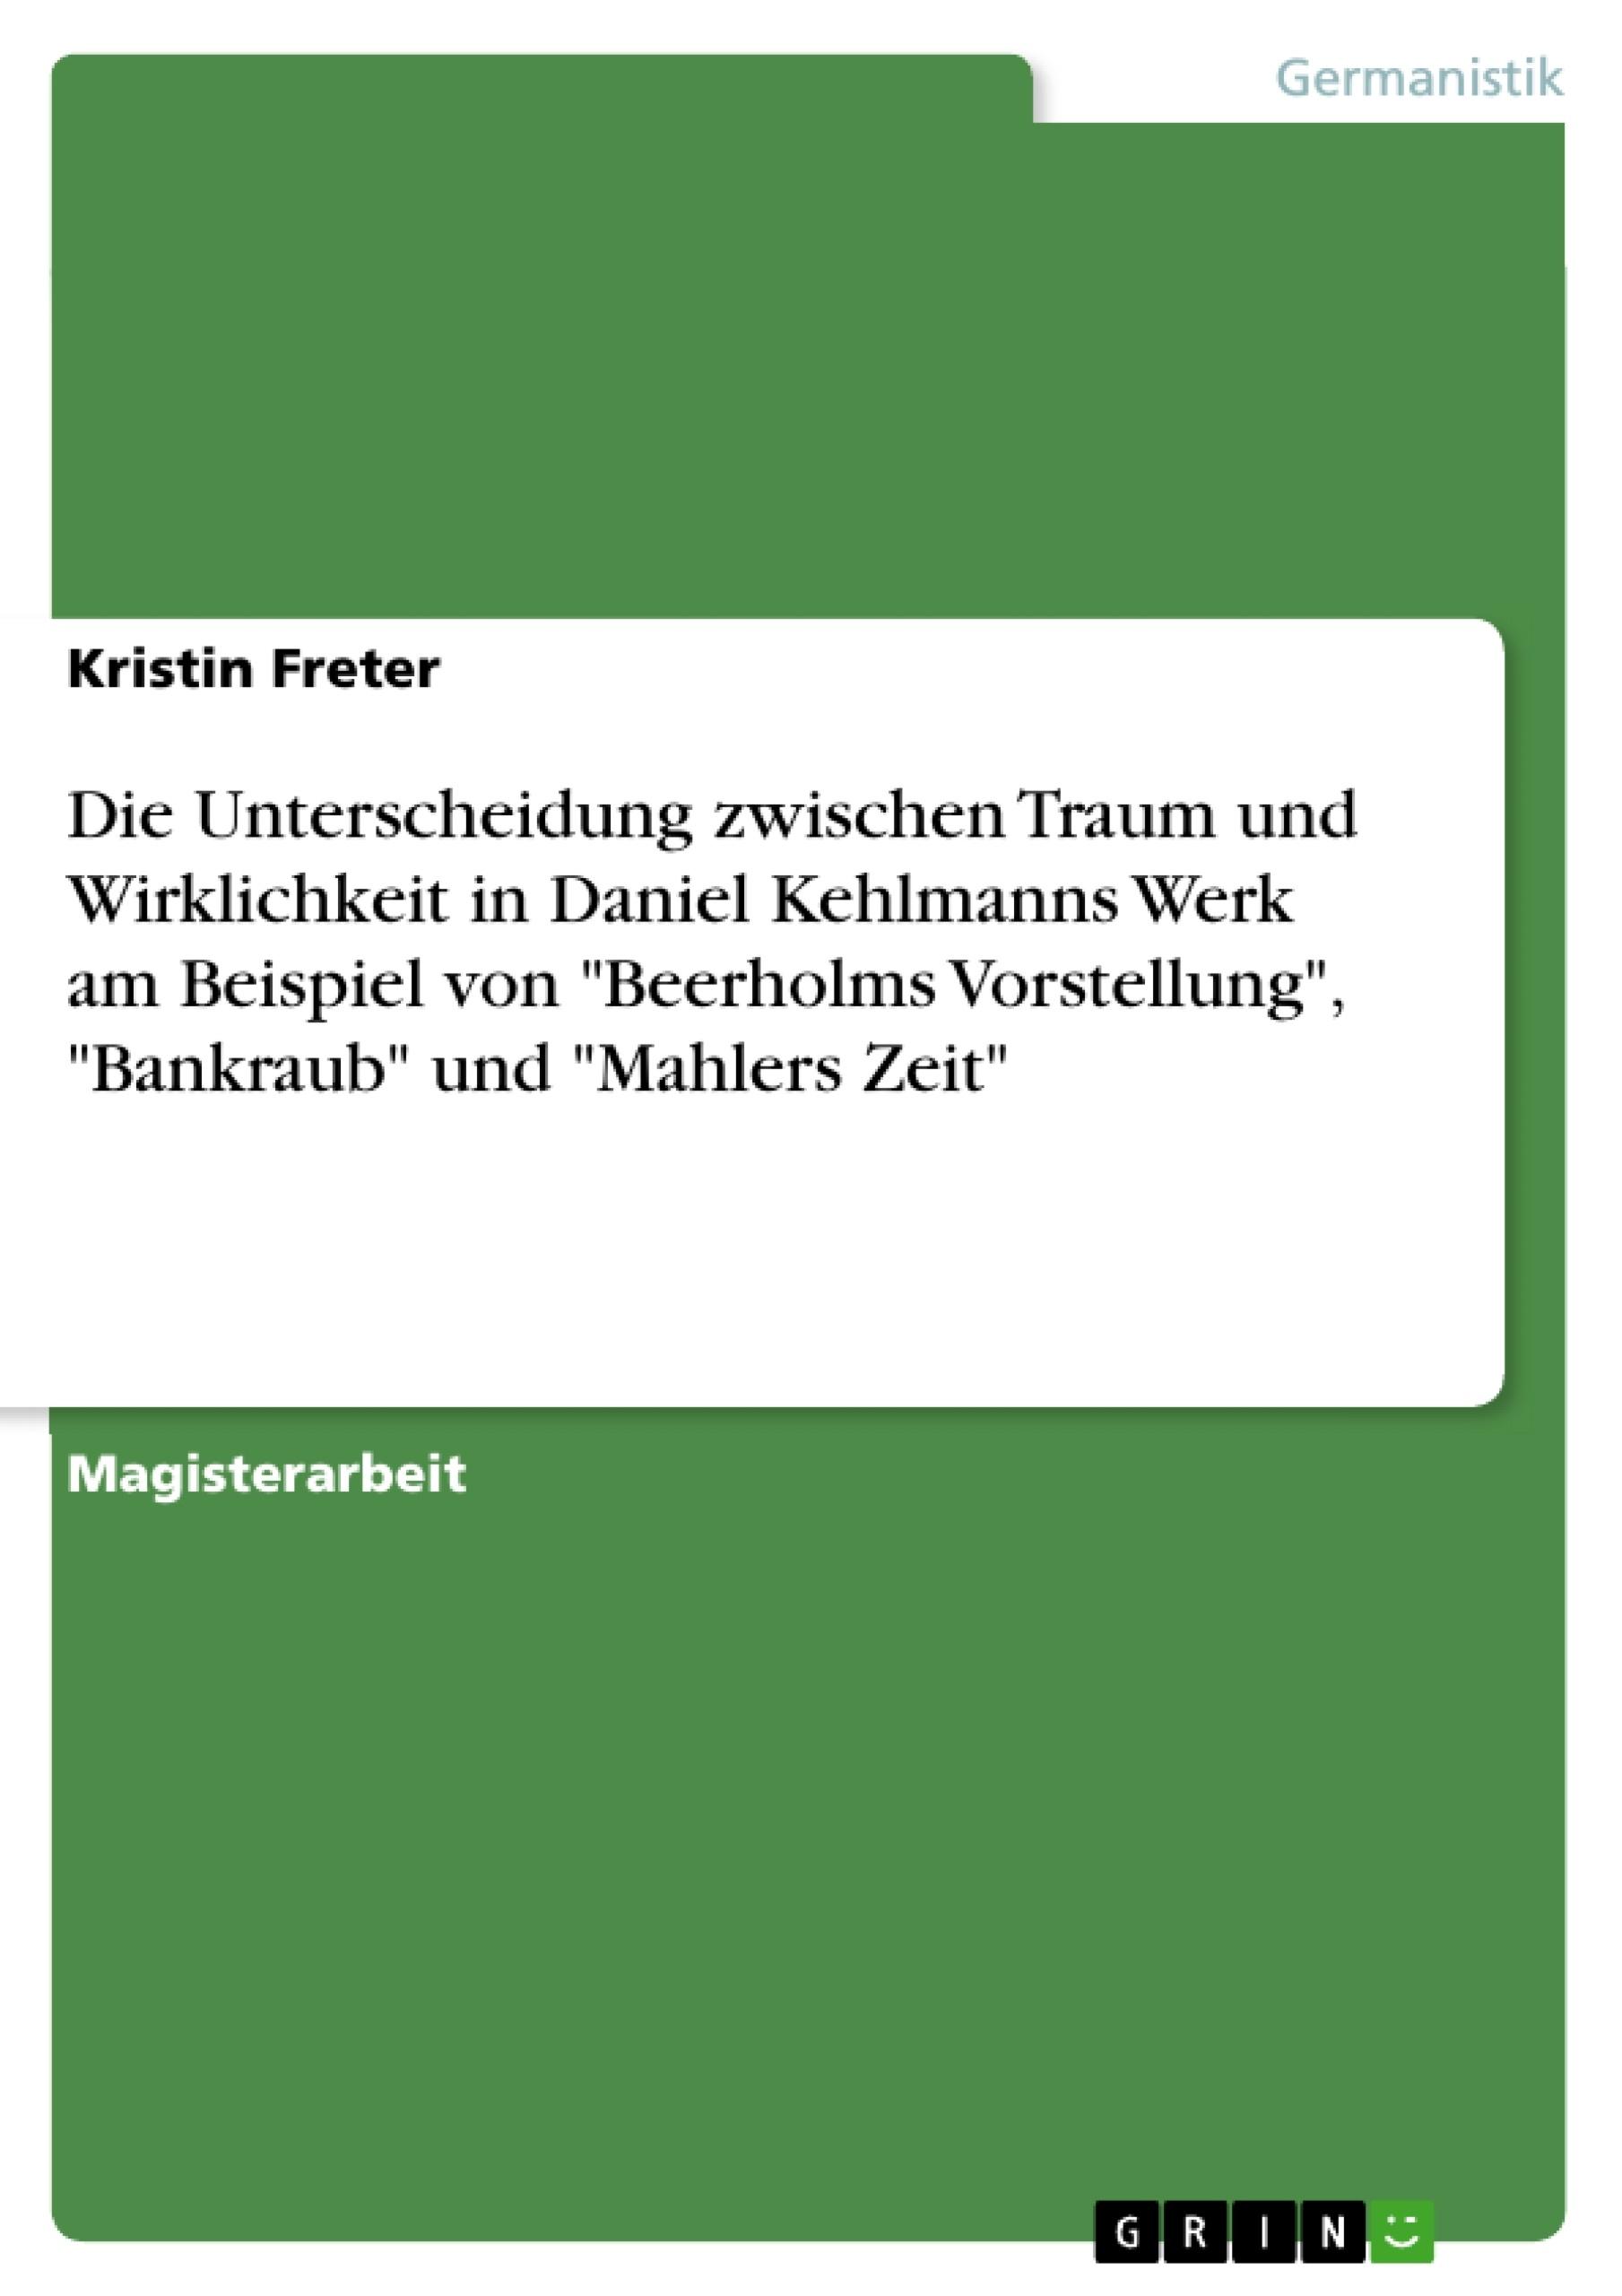 """Titel: Die Unterscheidung zwischen Traum und Wirklichkeit in Daniel Kehlmanns Werk am Beispiel von """"Beerholms Vorstellung"""", """"Bankraub"""" und """"Mahlers Zeit"""""""